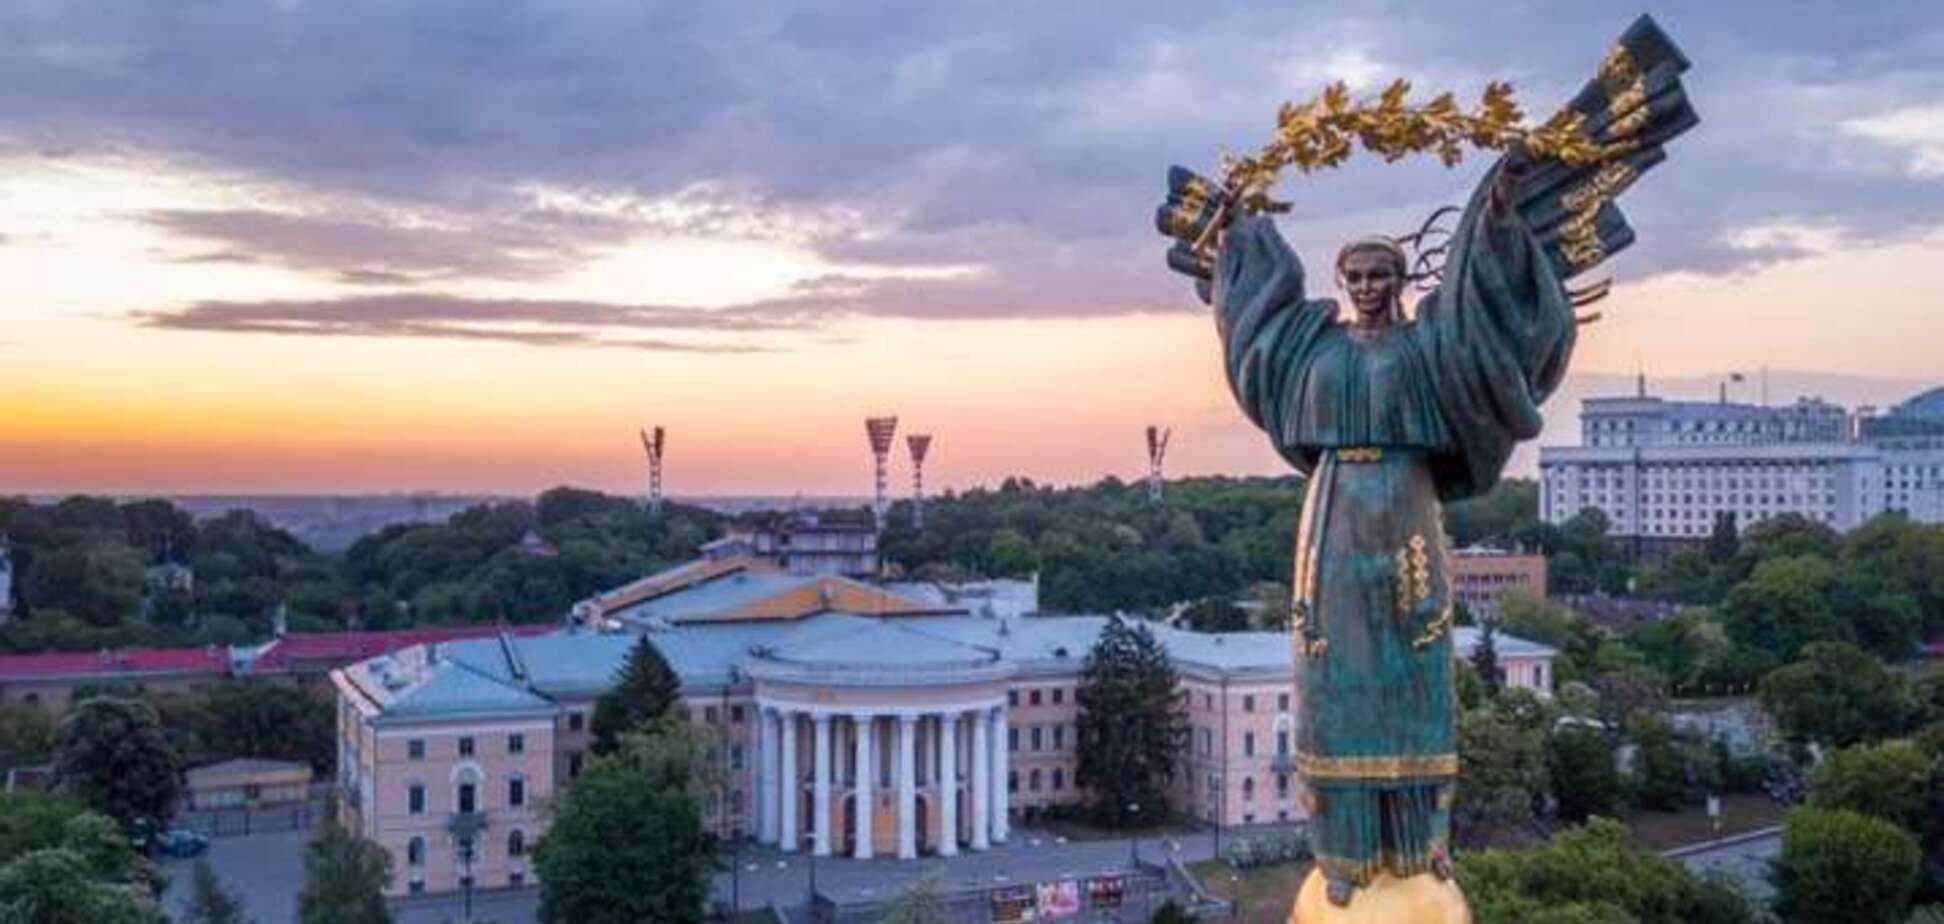 Скандал із 'русскім міром' на Київщині отримав пояснення